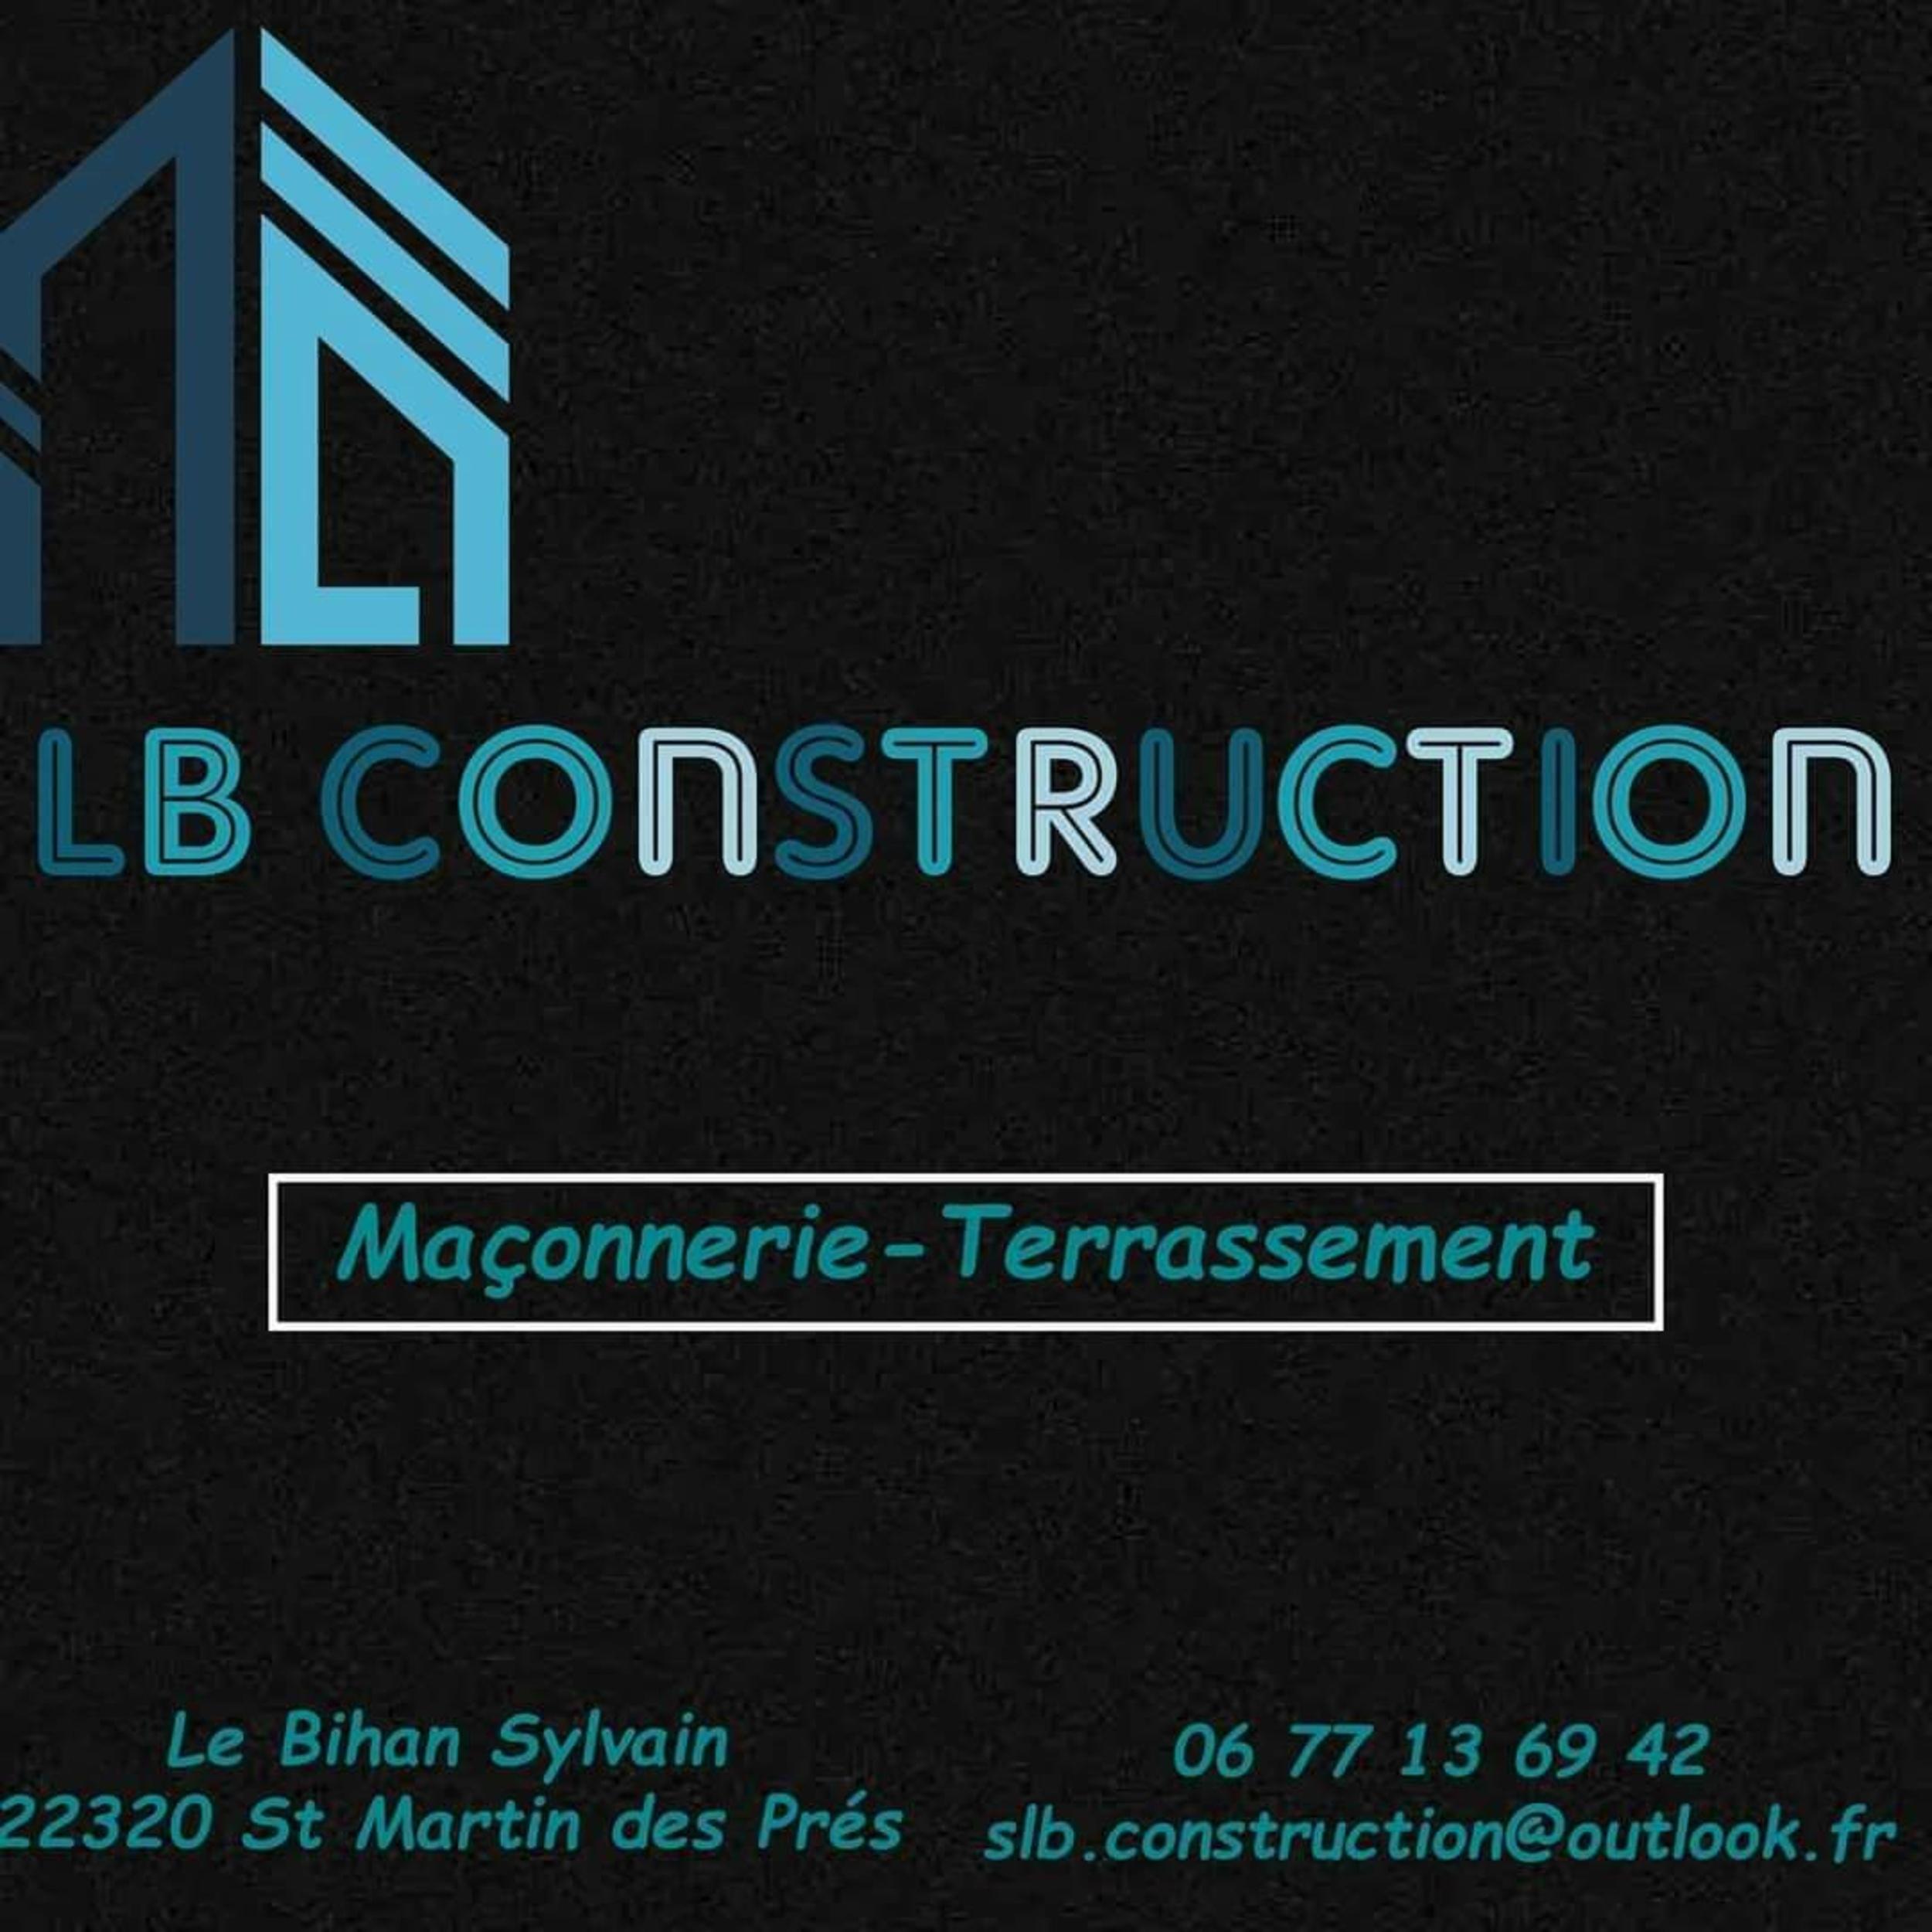 LB construction à St Martin des Prés